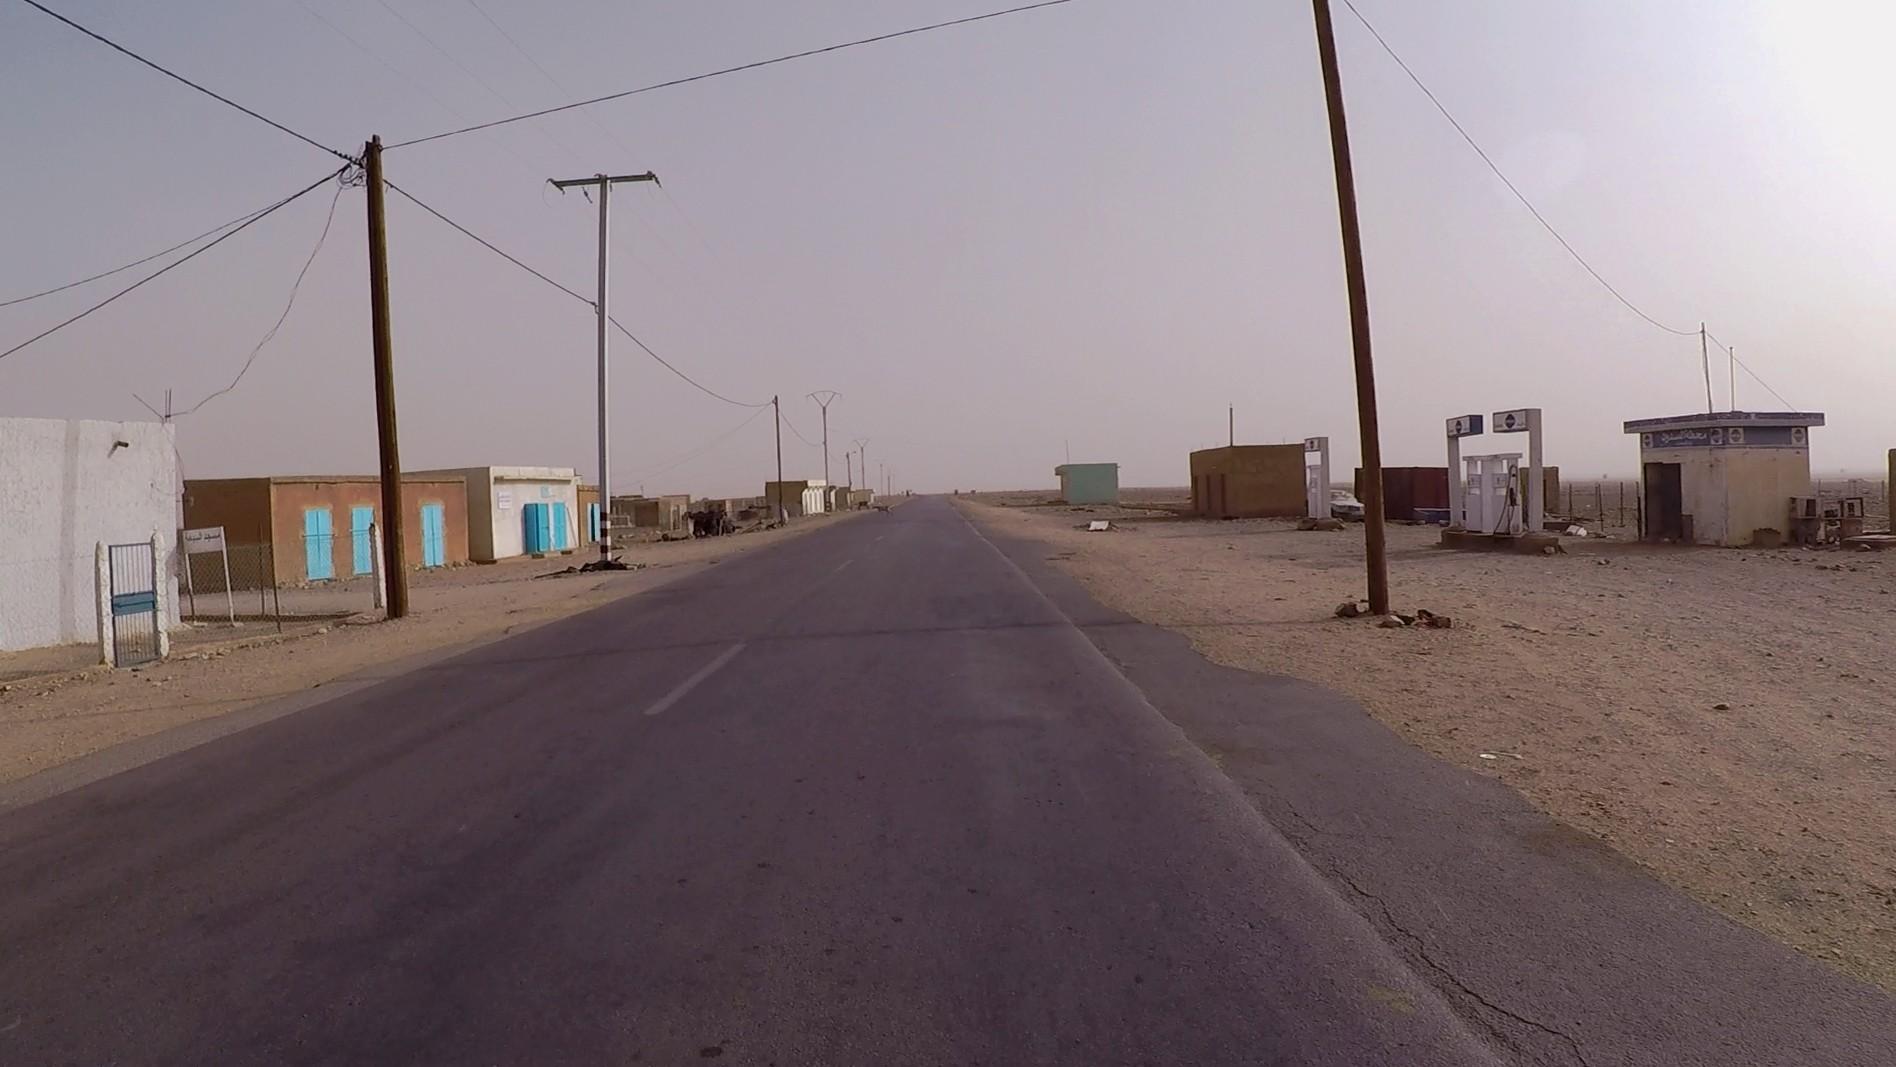 gasolinera mauritania pablocaminante - Mauritania 4/5, Nouakchott a Gogui